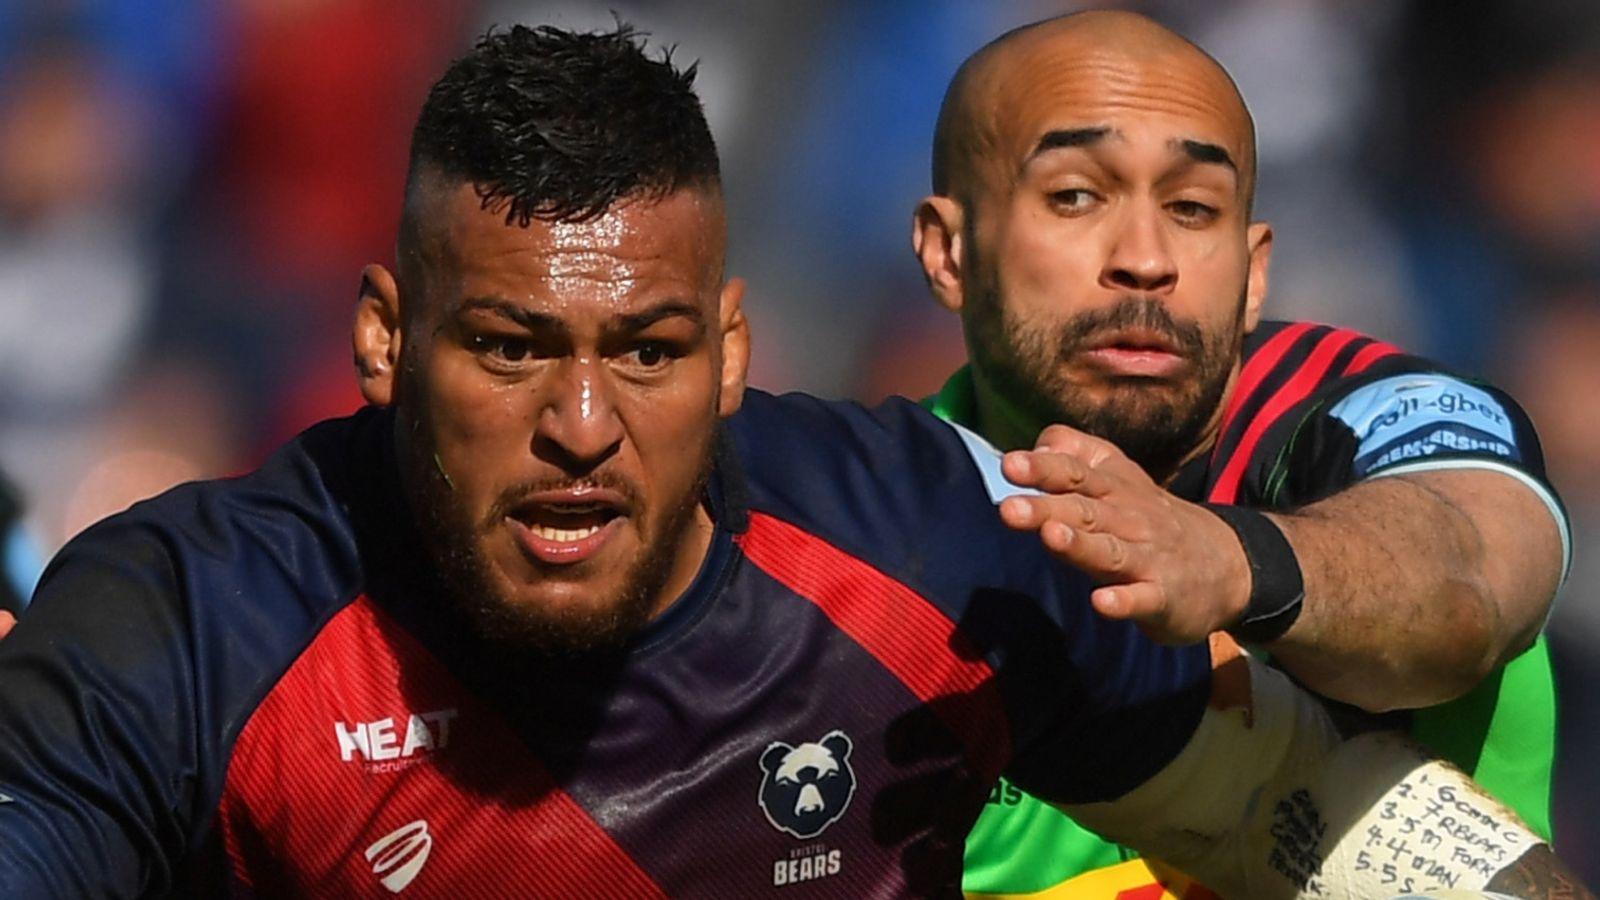 La Premier League de Gallagher suspendida indefinidamente; intención de terminar la temporada cuando sea seguro | Noticias de la Unión de Rugby 48